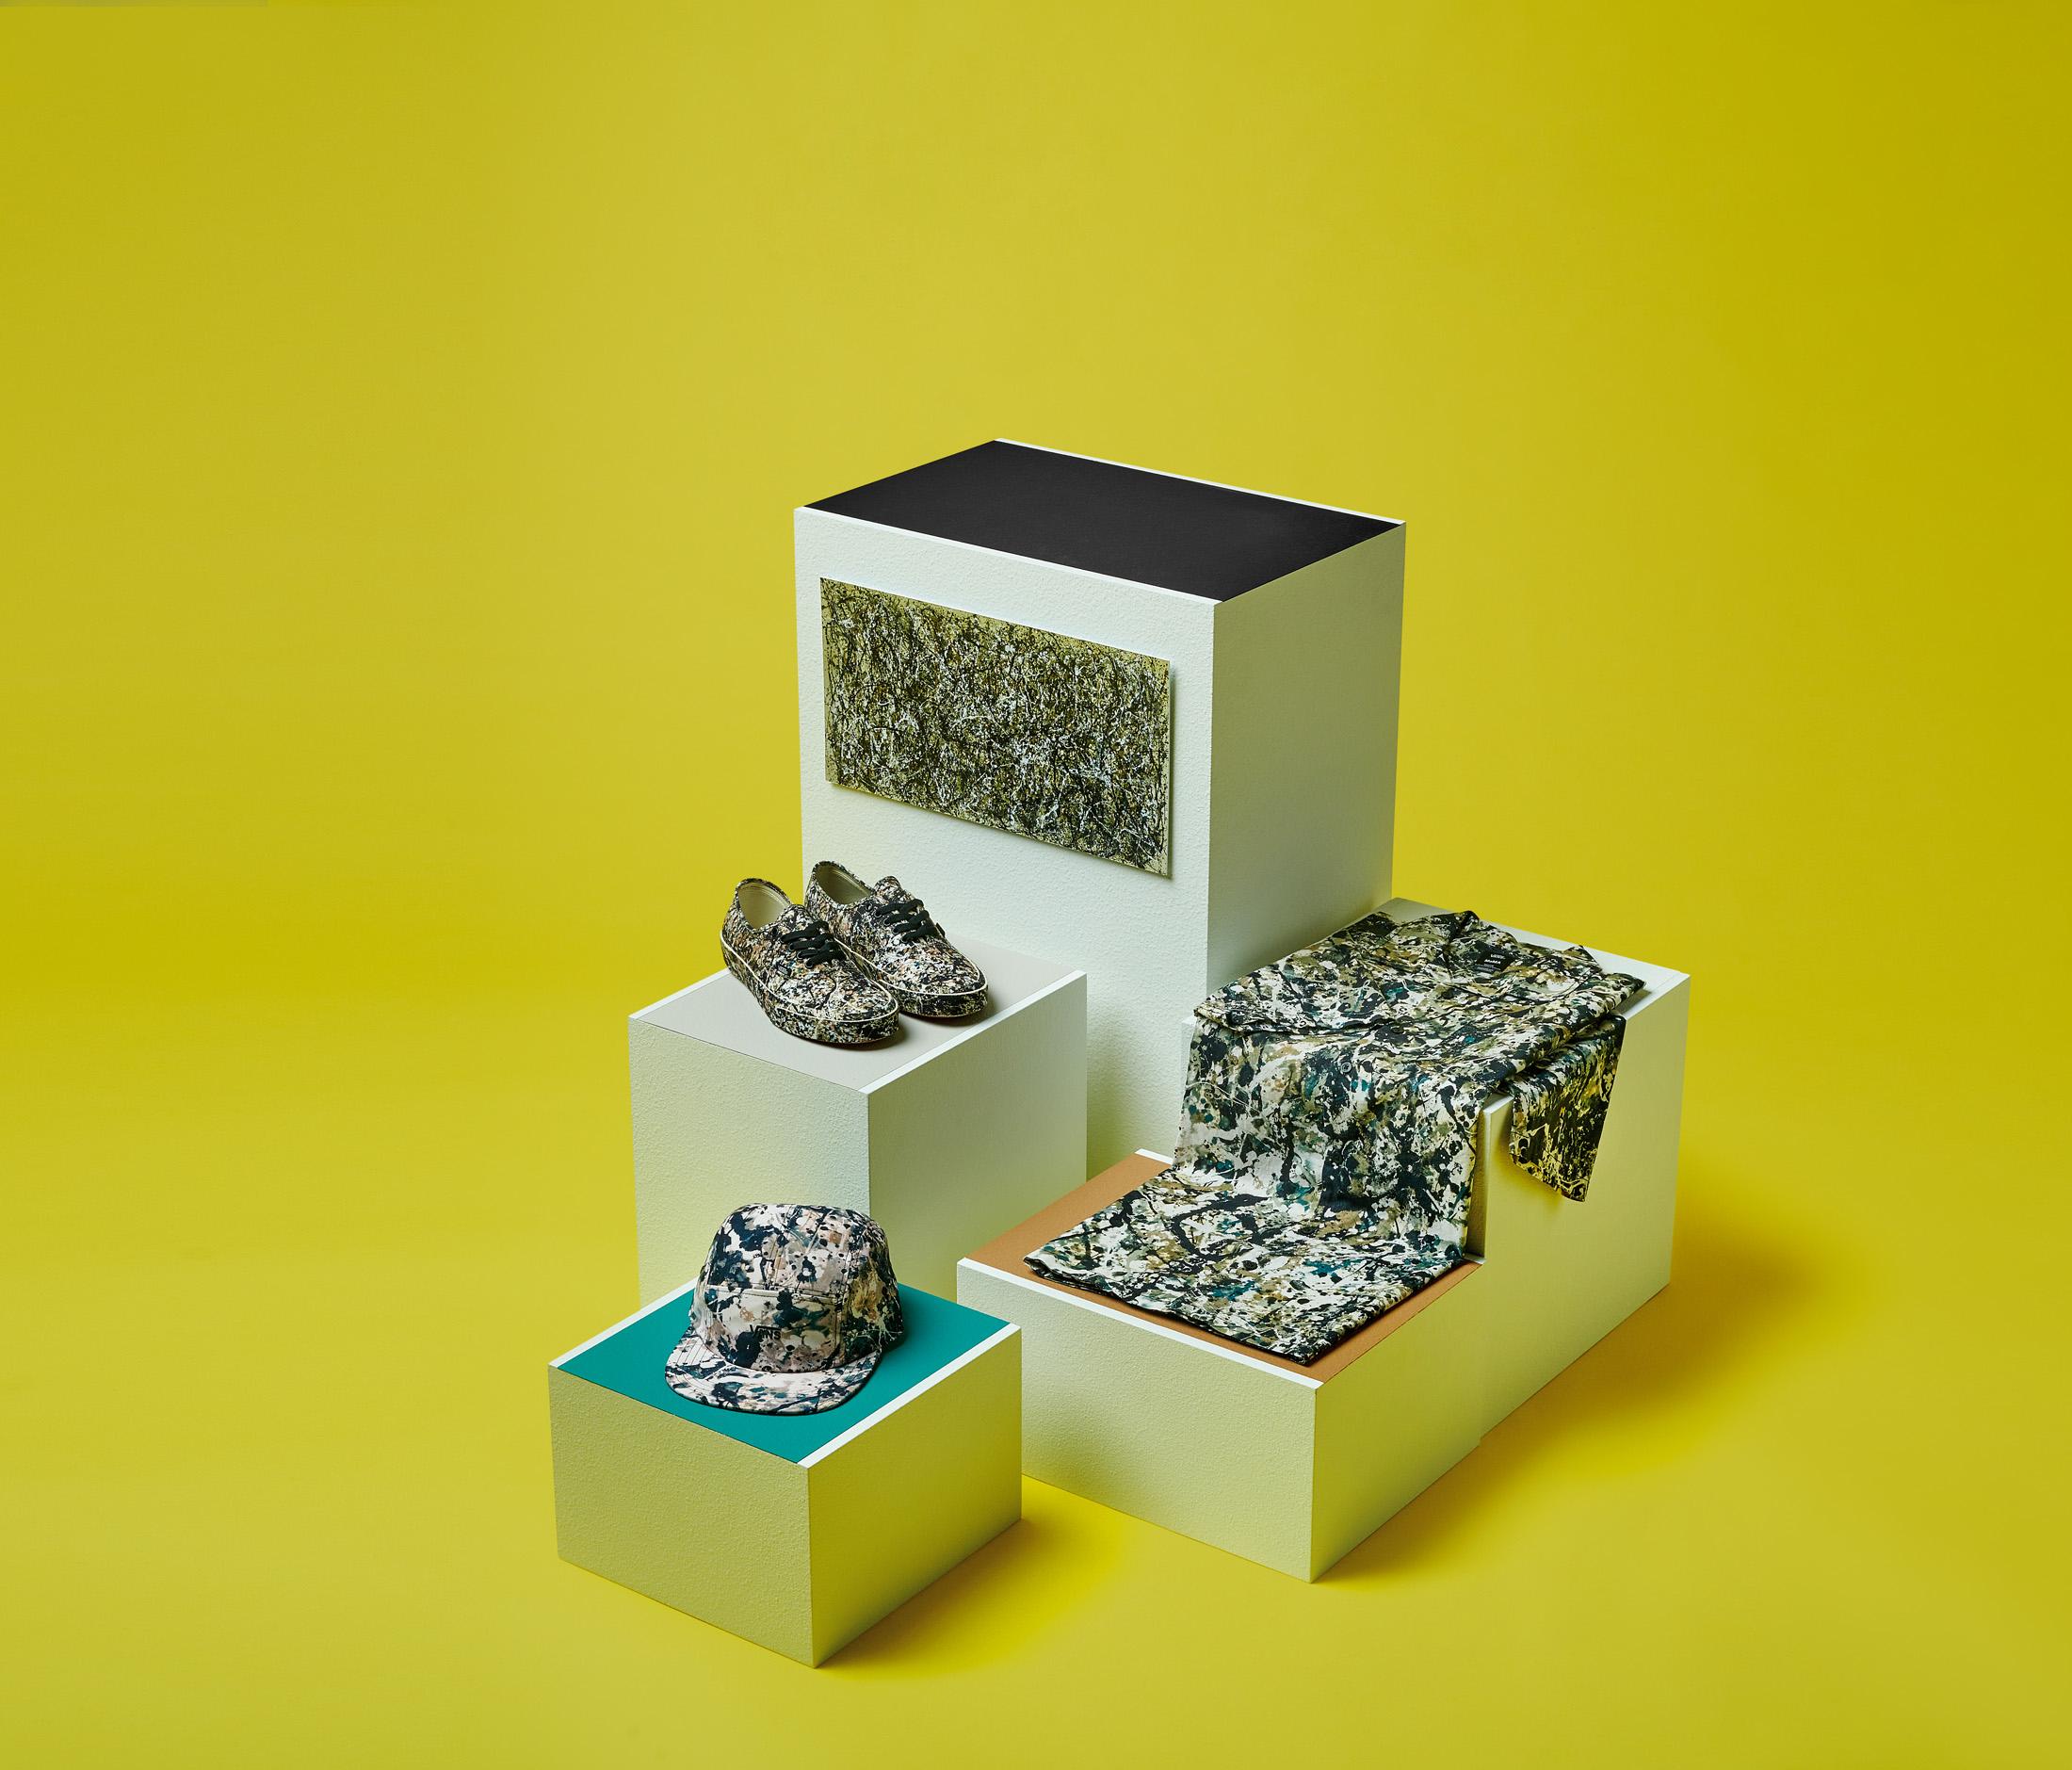 モマ ヴァンズ バンズ コラボ コレクション 限定 第 2弾 MoMA Vans Collaboration Collection Part 2 release